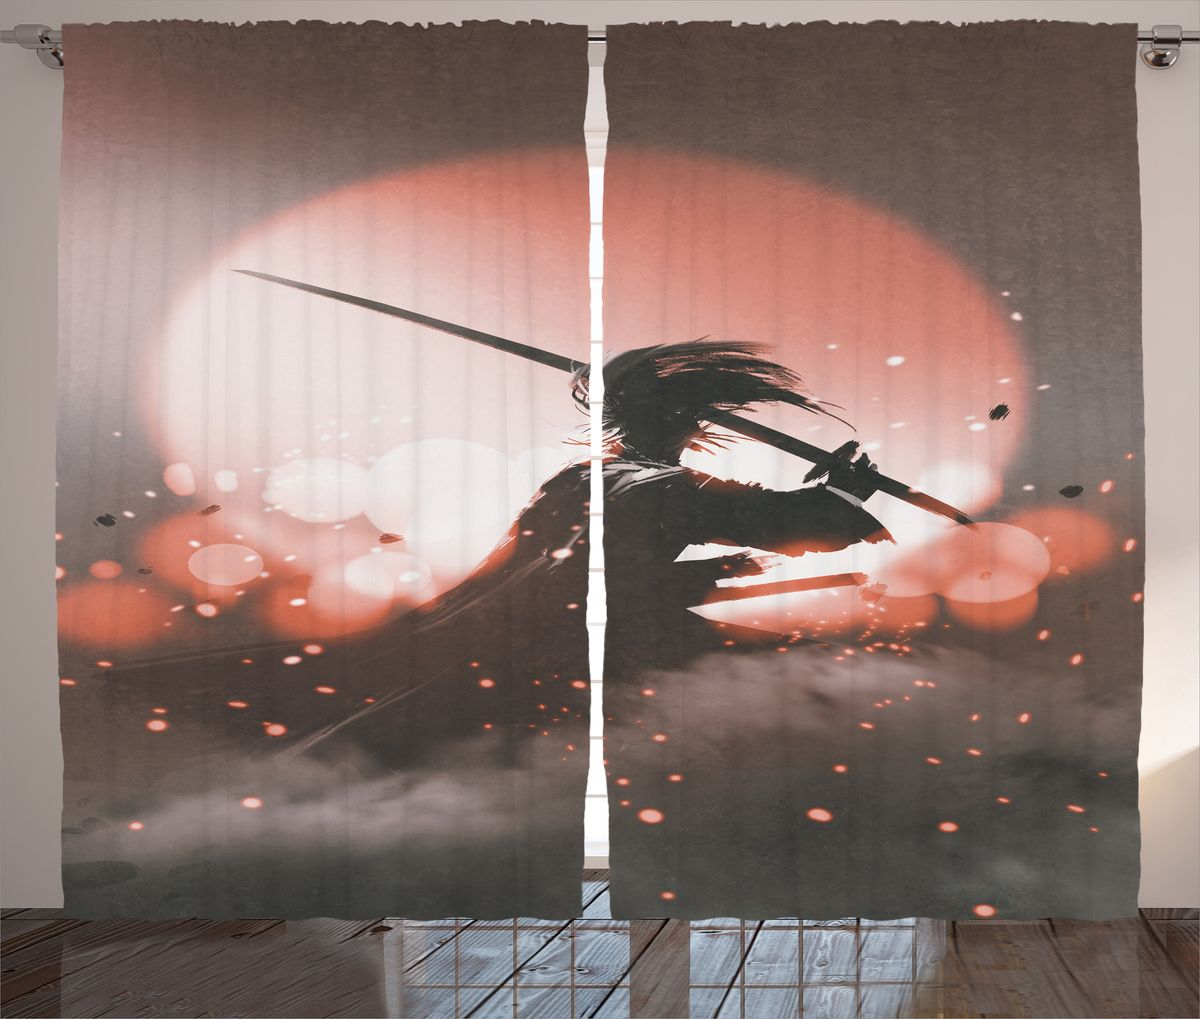 Комплект фотоштор Magic Lady Самурай на фоне заката, на ленте, высота 265 см. шсг_18287шсг_3759Компания Сэмболь изготавливает шторы из высококачественного сатена (полиэстер 100%). При изготовлении используются специальные гипоаллергенные чернила для прямой печати по ткани, безопасные для человека и животных. Экологичность продукции Magic lady и безопасность для окружающей среды подтверждены сертификатом Oeko-Tex Standard 100. Крепление: крючки для крепления на шторной ленте (50 шт). Возможно крепление на трубу. Внимание! При нанесении сублимационной печати на ткань технологическим методом при температуре 240°С, возможно отклонение полученных размеров (указанных на этикетке и сайте) от стандартных на + - 3-5 см. Производитель старается максимально точно передать цвета изделия на фотографиях, однако искажения неизбежны и фактический цвет изделия может отличаться от воспринимаемого по фото. Обратите внимание! Шторы изготовлены из полиэстра сатенового переплетения, а не из сатина (хлопок). Размер одного полотна шторы: 145х265 см. В комплекте 2 полотна шторы и 50 крючков.